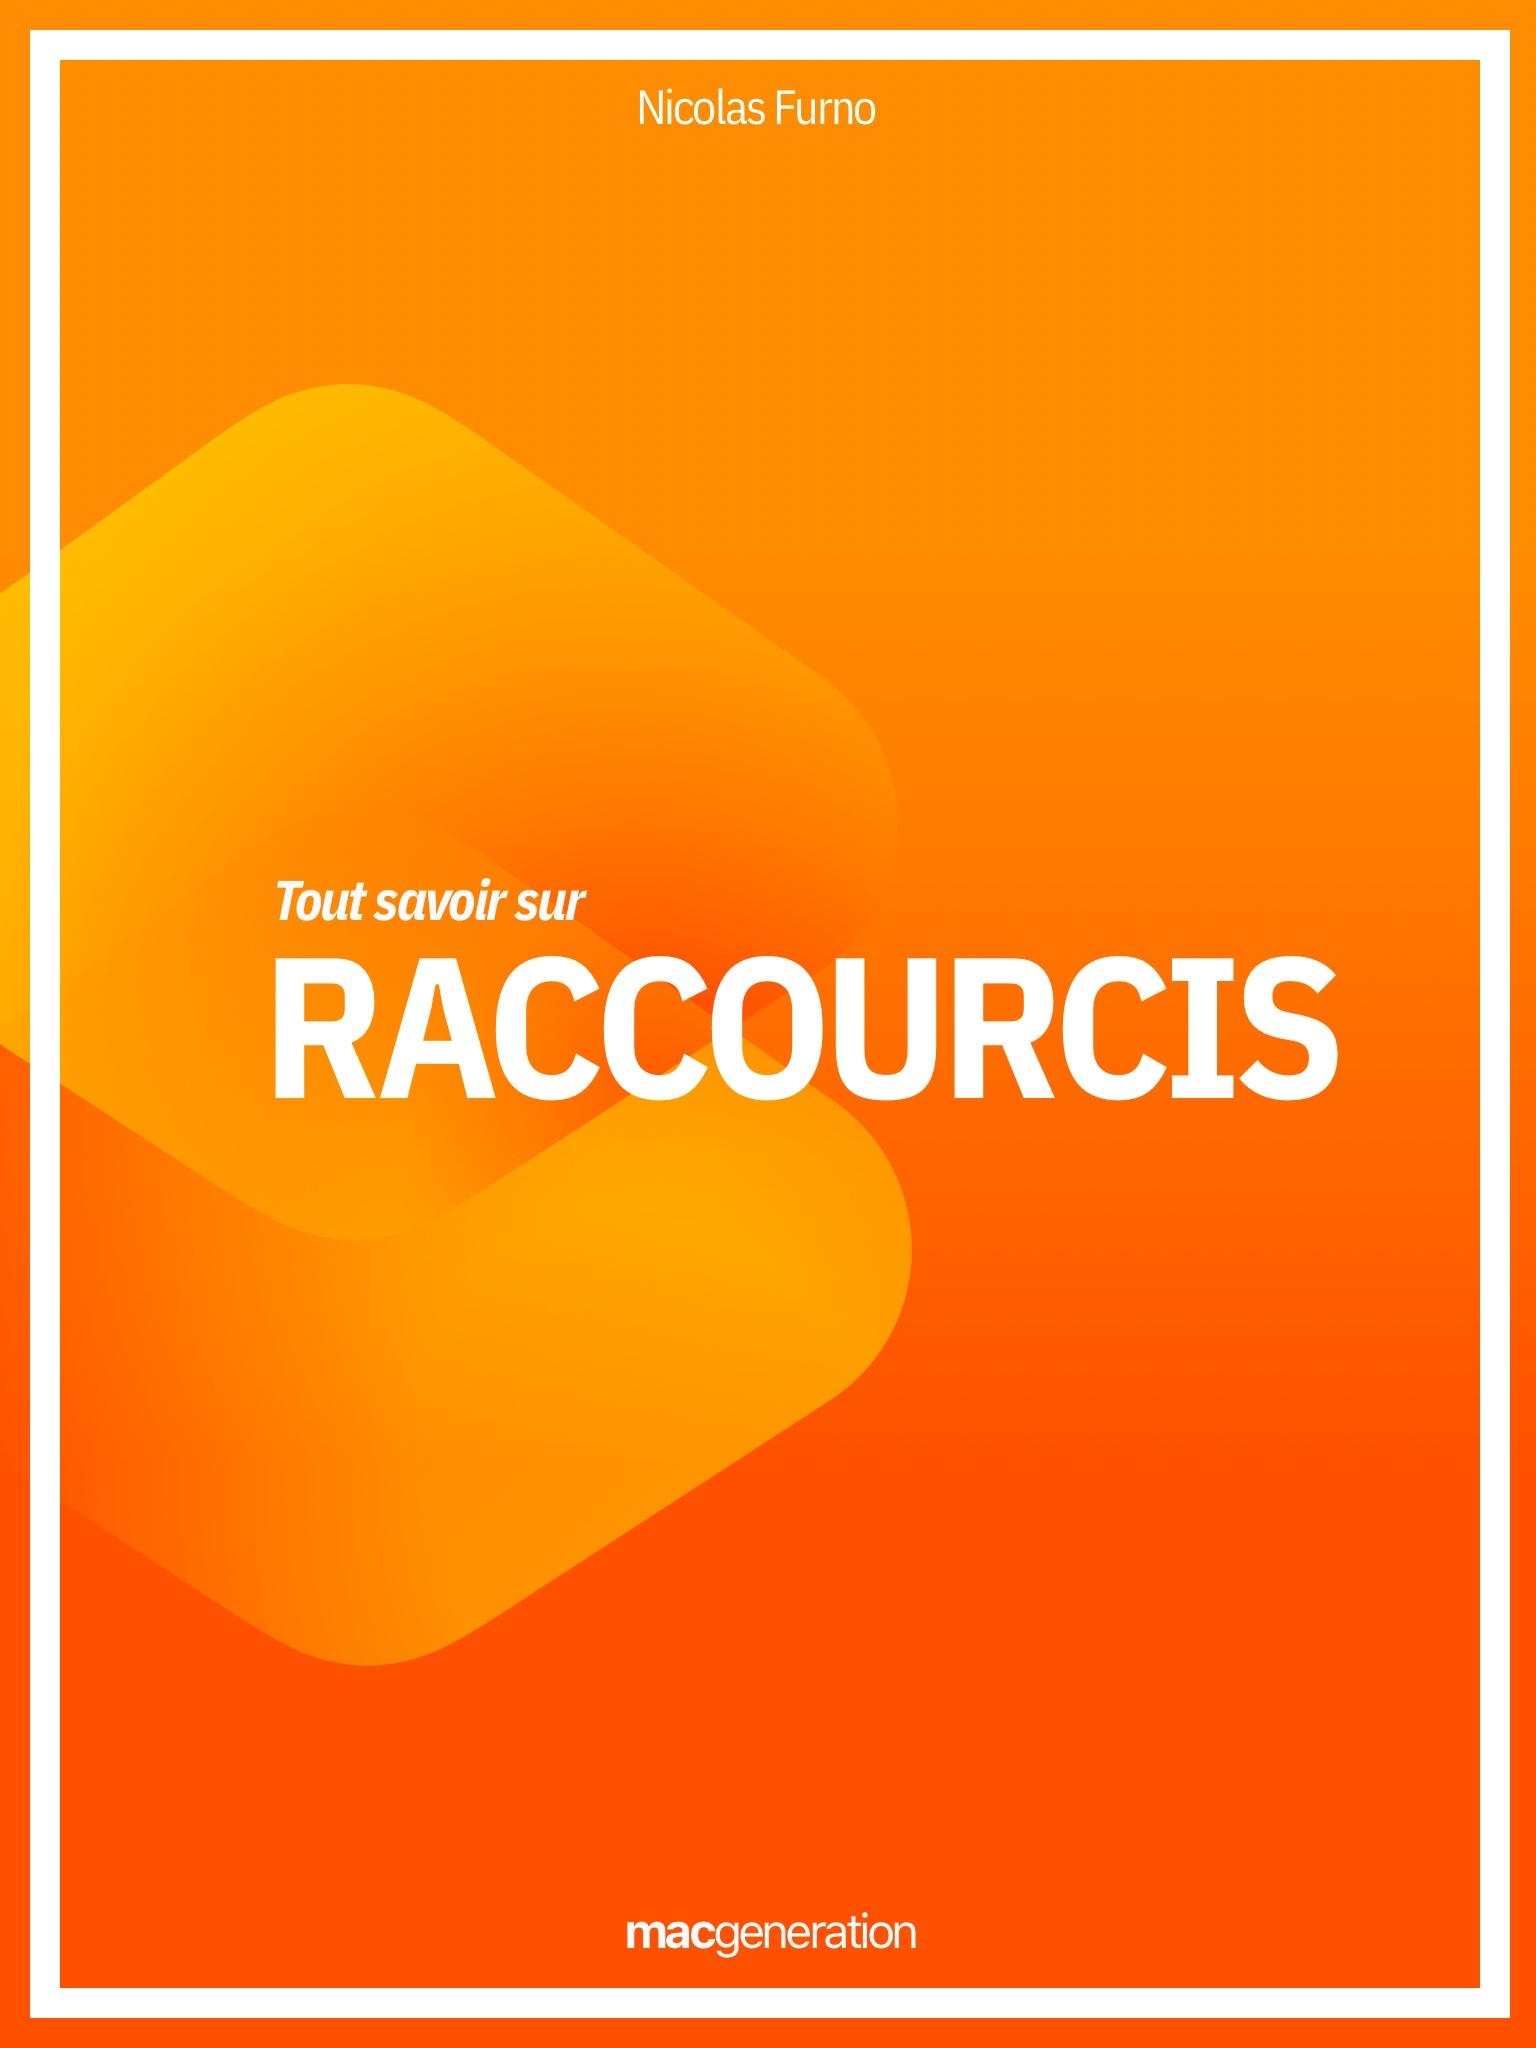 livres/savoir-raccourcis.jpg